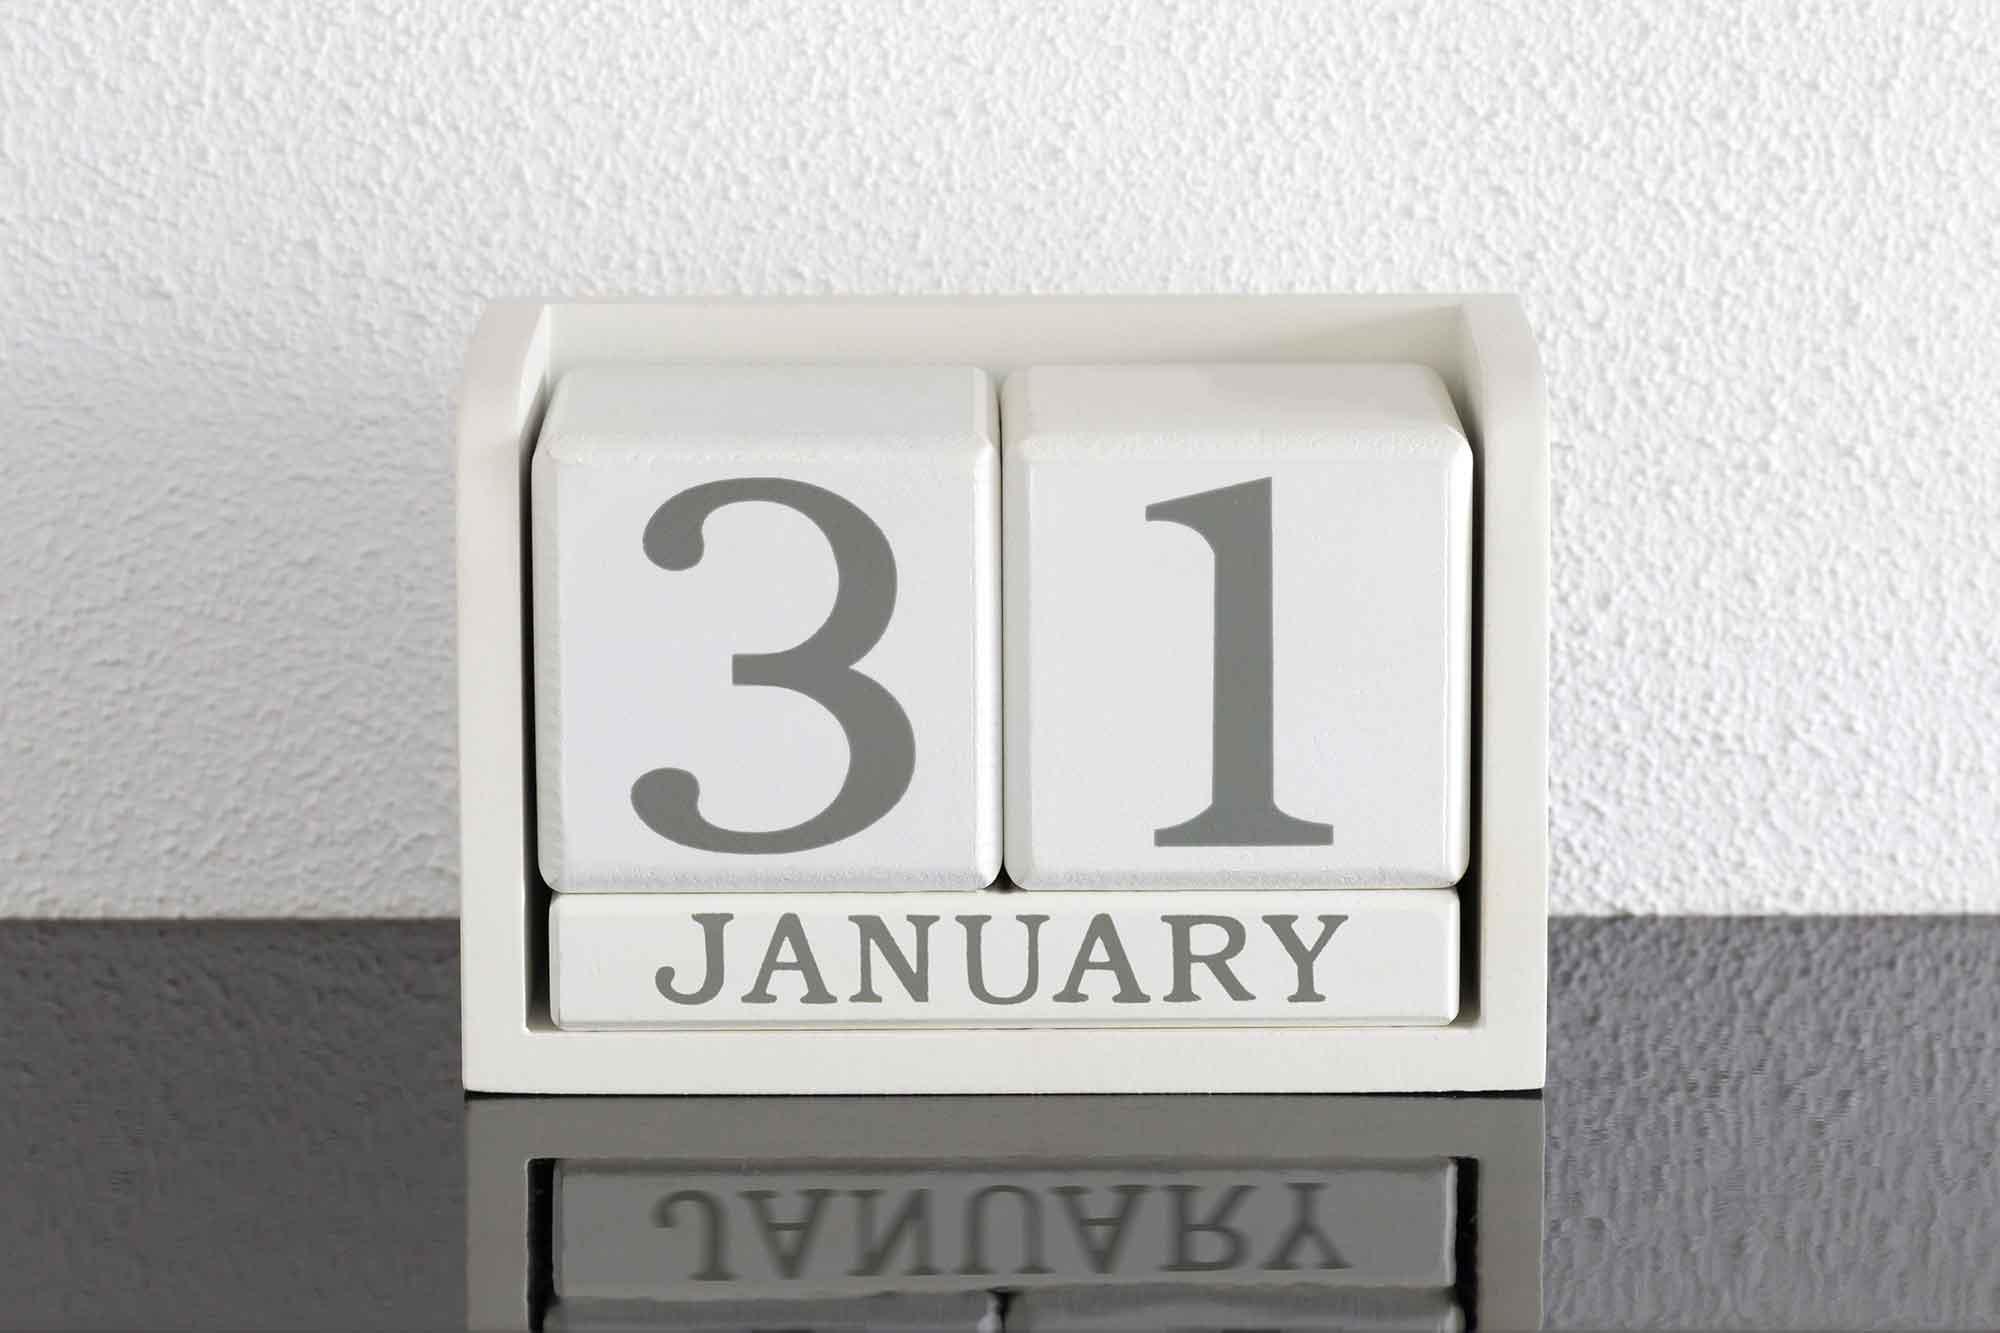 年末調整の訂正期限はいつまで?